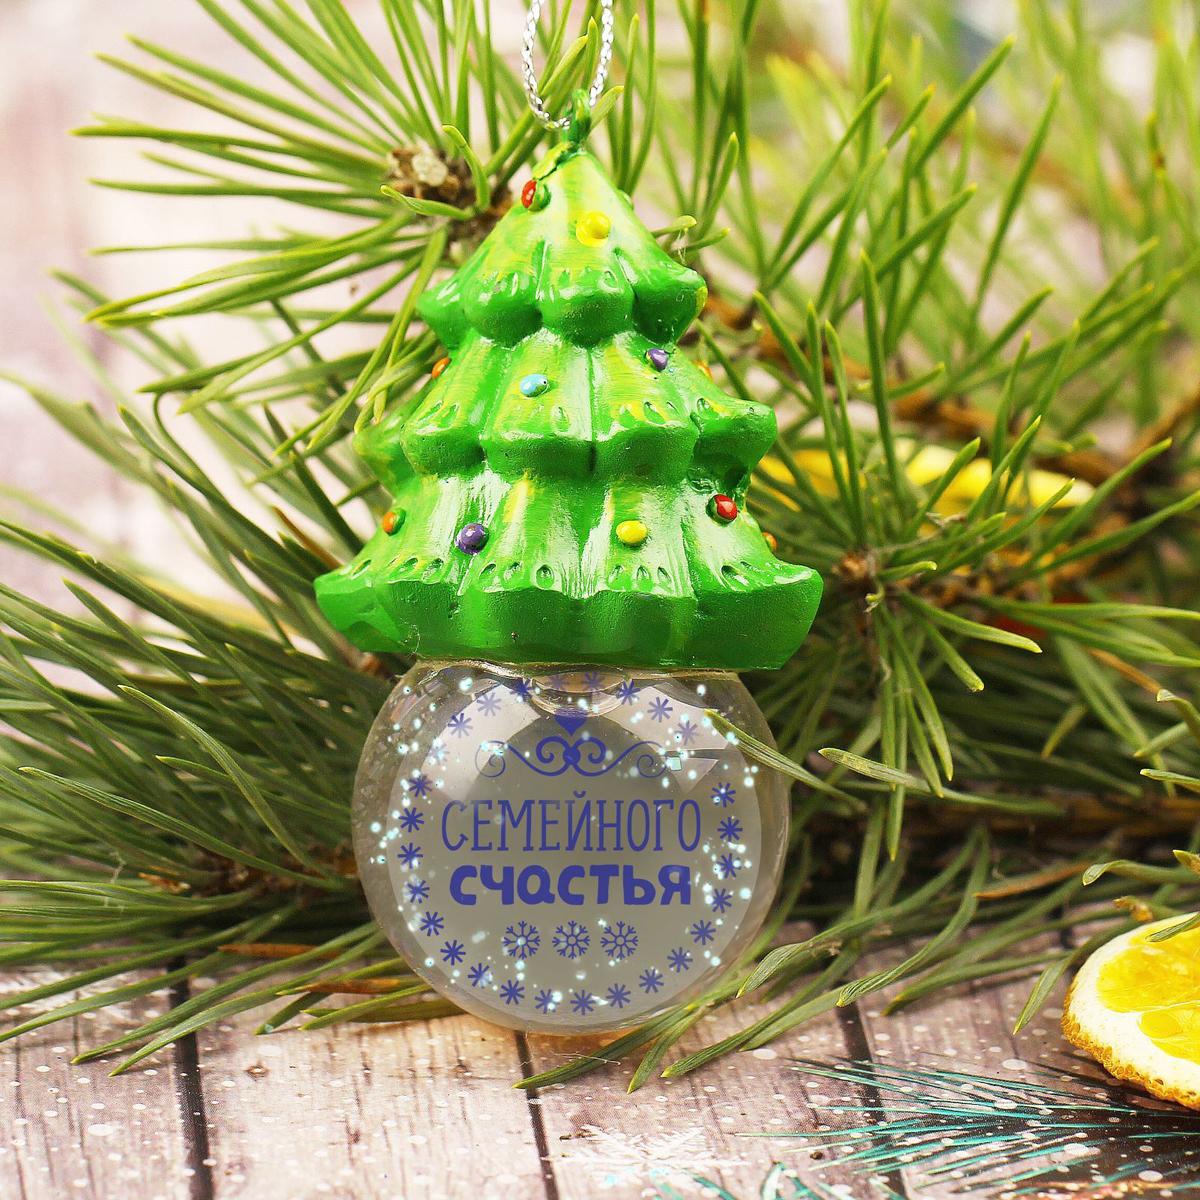 Новогоднее подвесное украшение Sima-land Семейного счастья, светящееся, 6,3 см новогоднее подвесное украшение sima land удачи в новом году светящееся 6 3 см